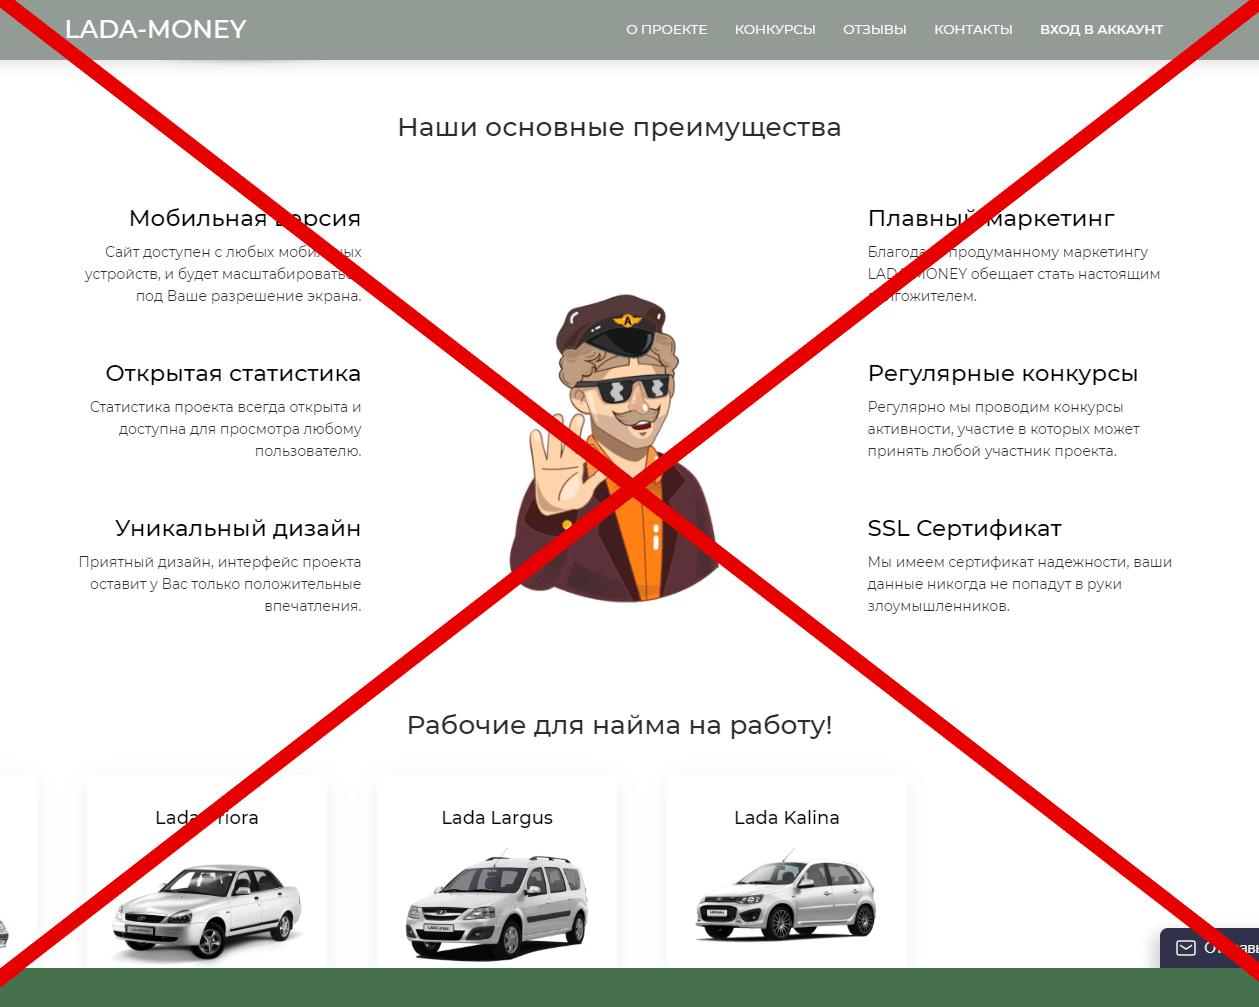 Lada Money - отзывы. Игровой симулятор автомобилей LADA